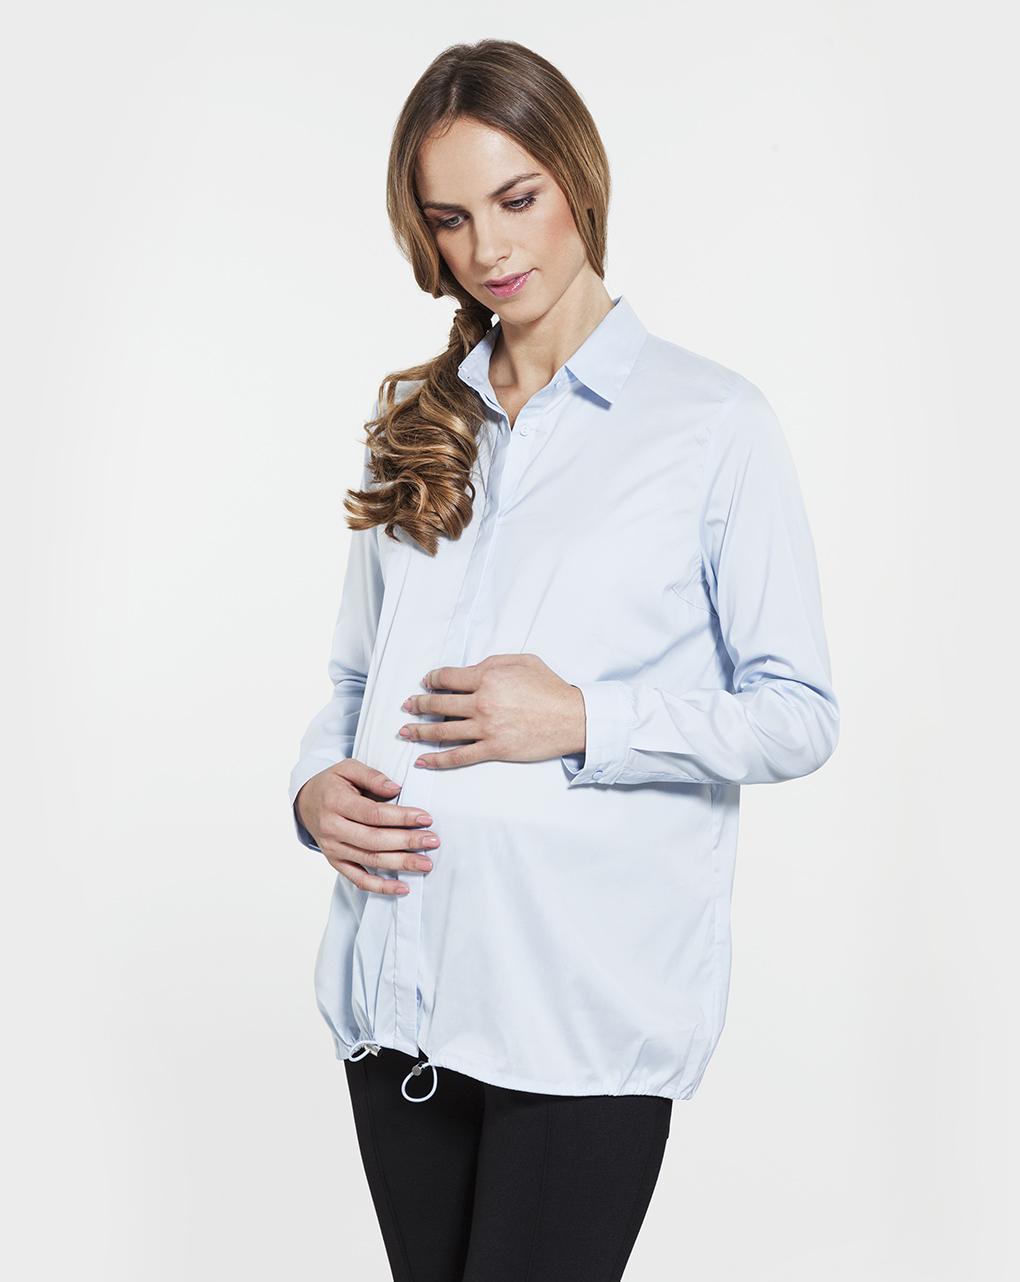 Γυναικείο Πουκάμισο Εγκυμοσύνης με Κορδόνι